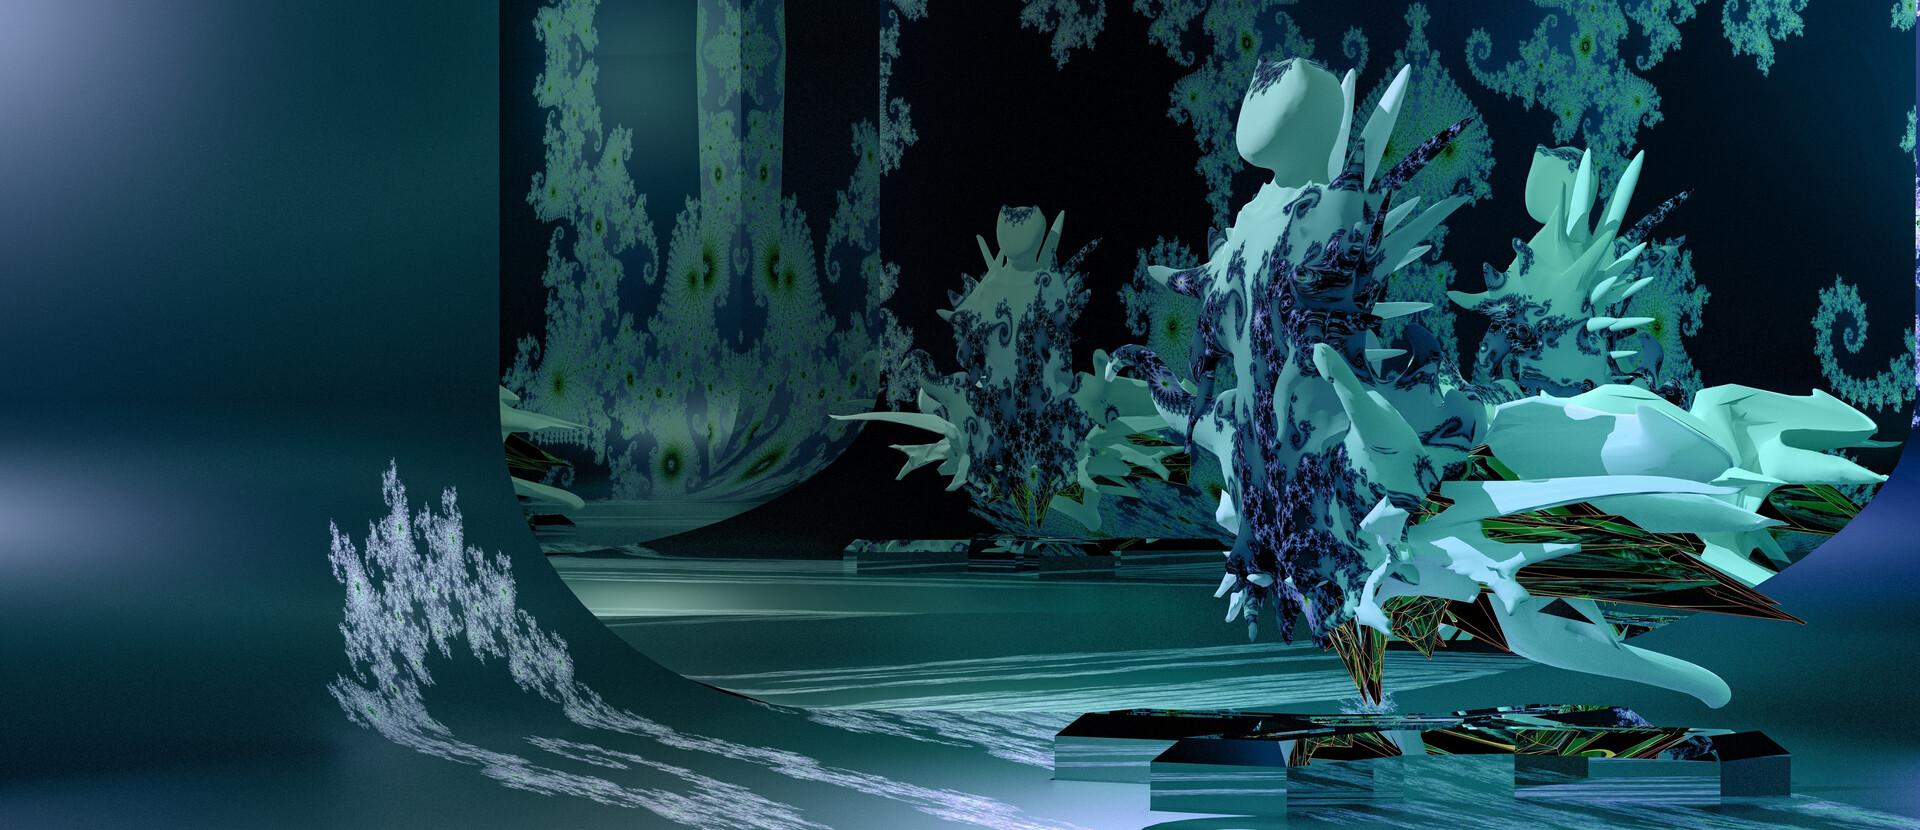 Fractalian Blue